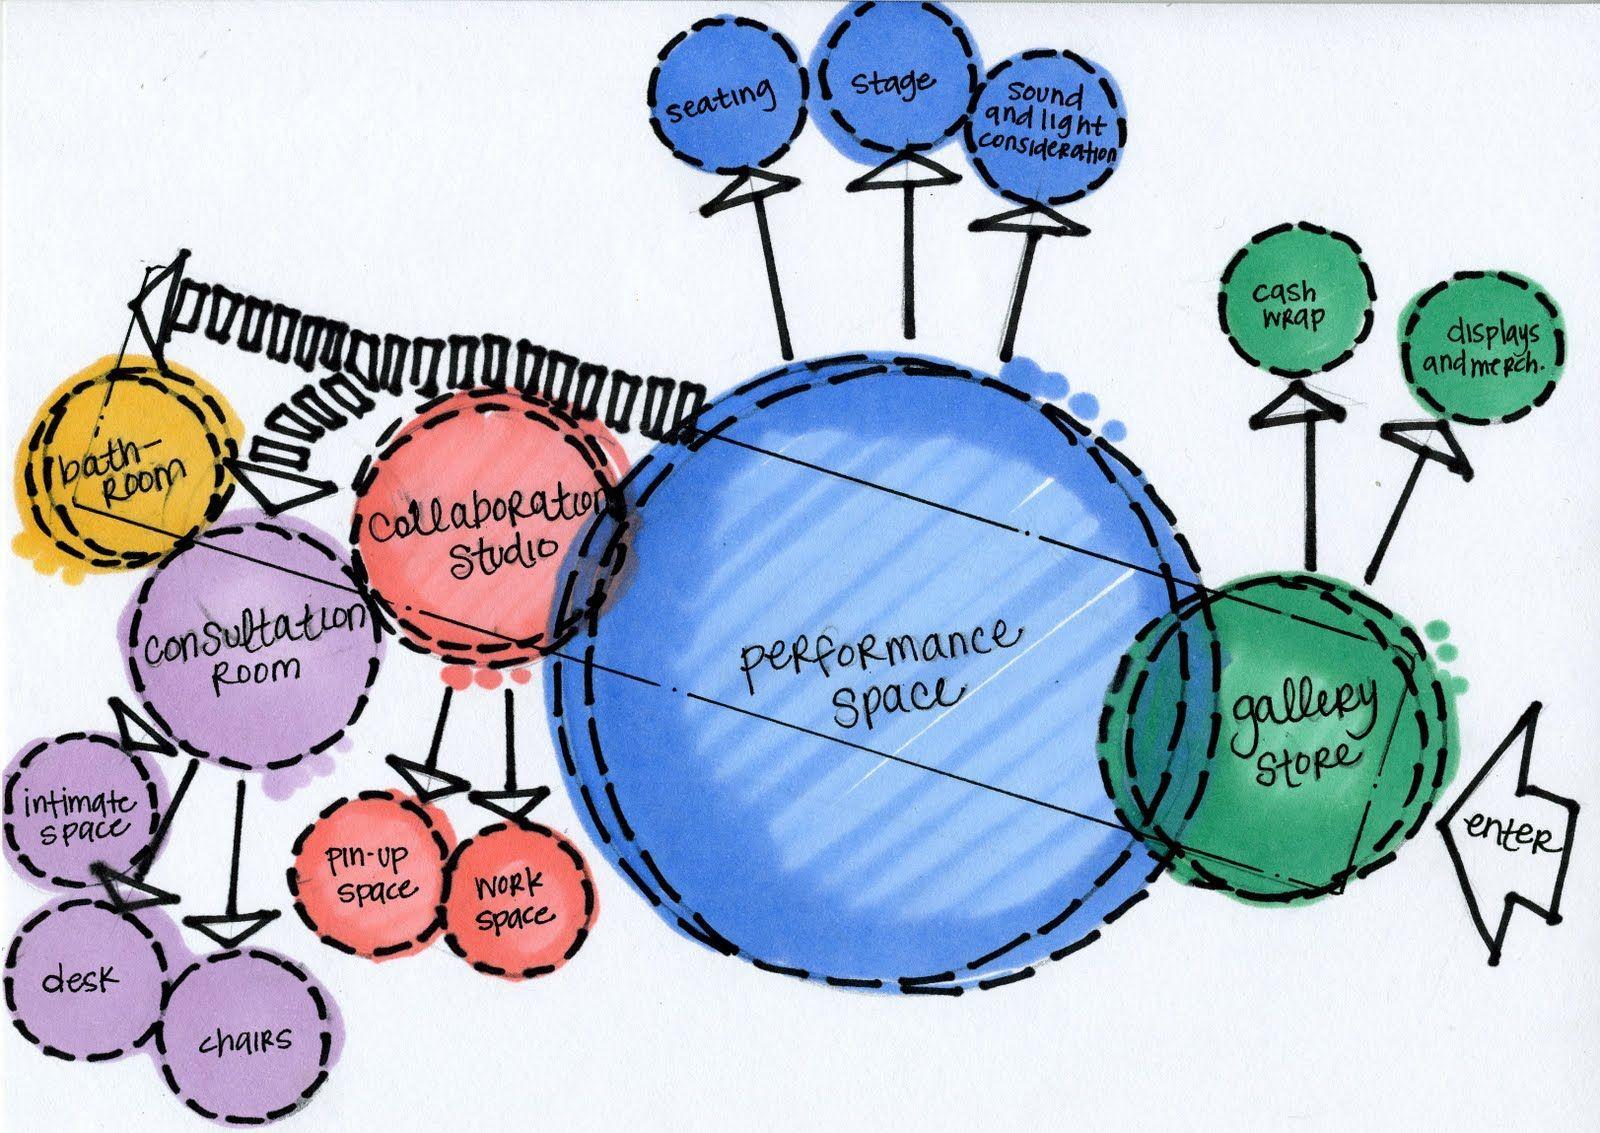 linear building space planning bubble diagrams  [ 1600 x 1133 Pixel ]